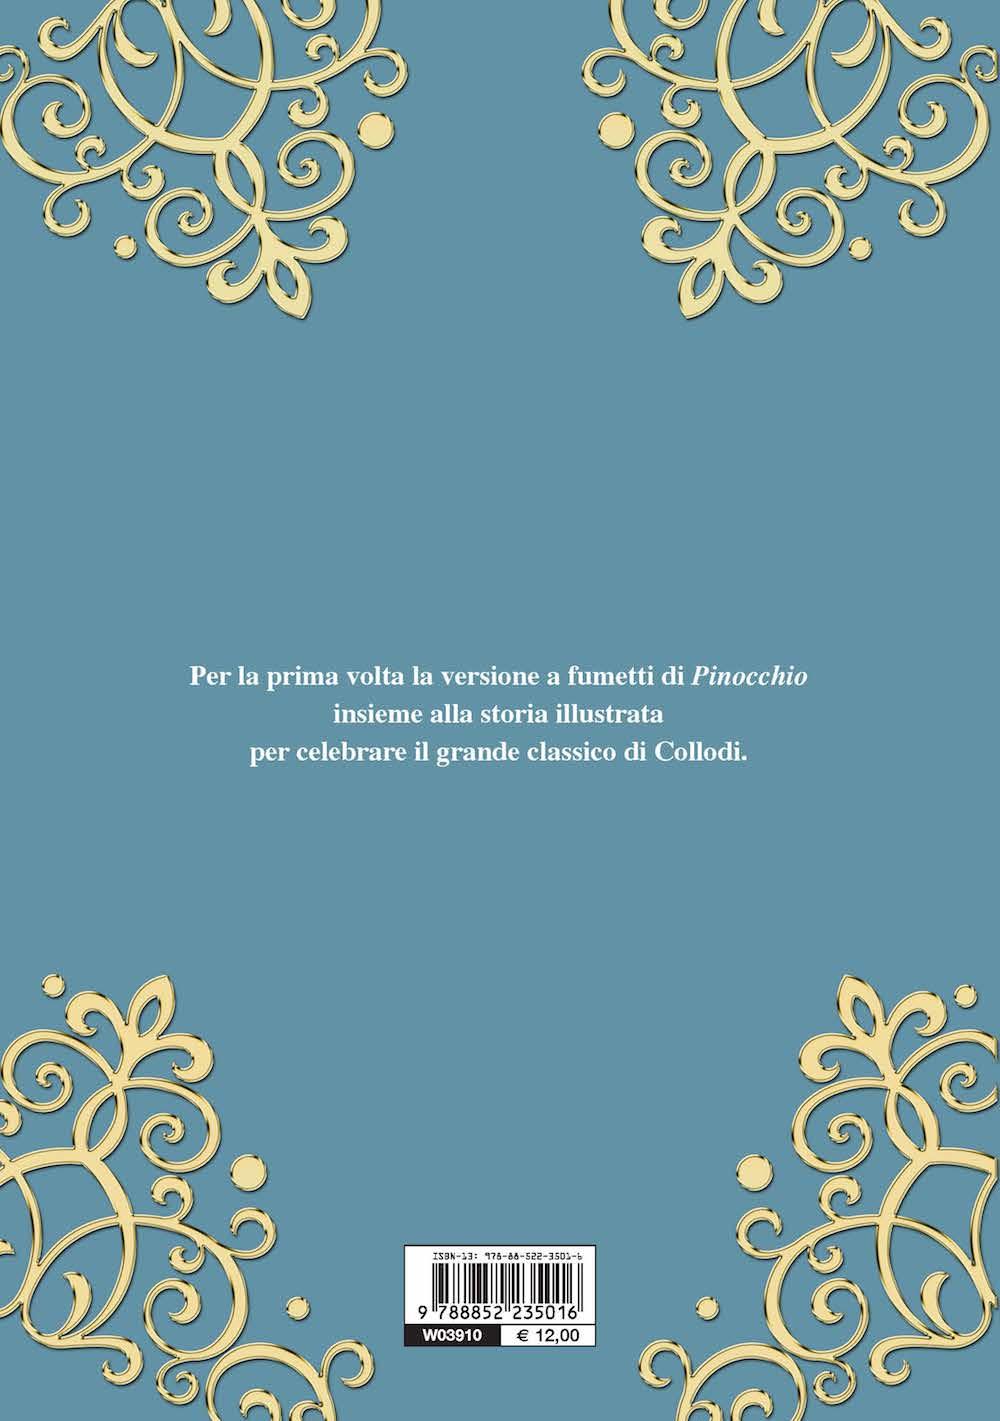 Capolavori della Letteratura - Pinocchio